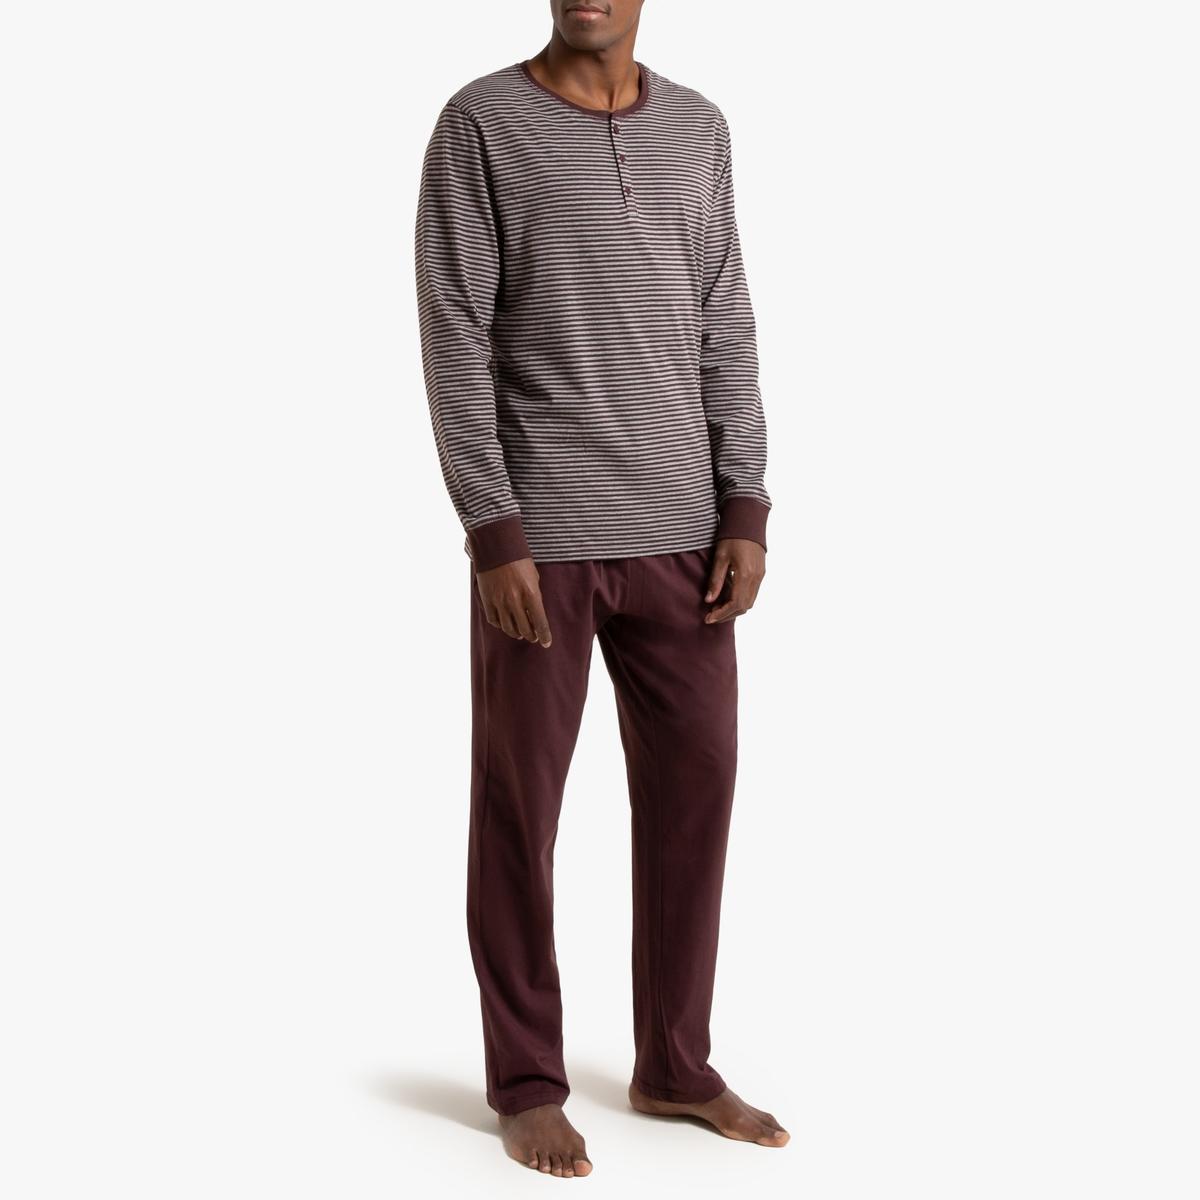 цена Пижама La Redoute С футболкой с длинными рукавами и круглым вырезом с разрезом спереди M оранжевый онлайн в 2017 году